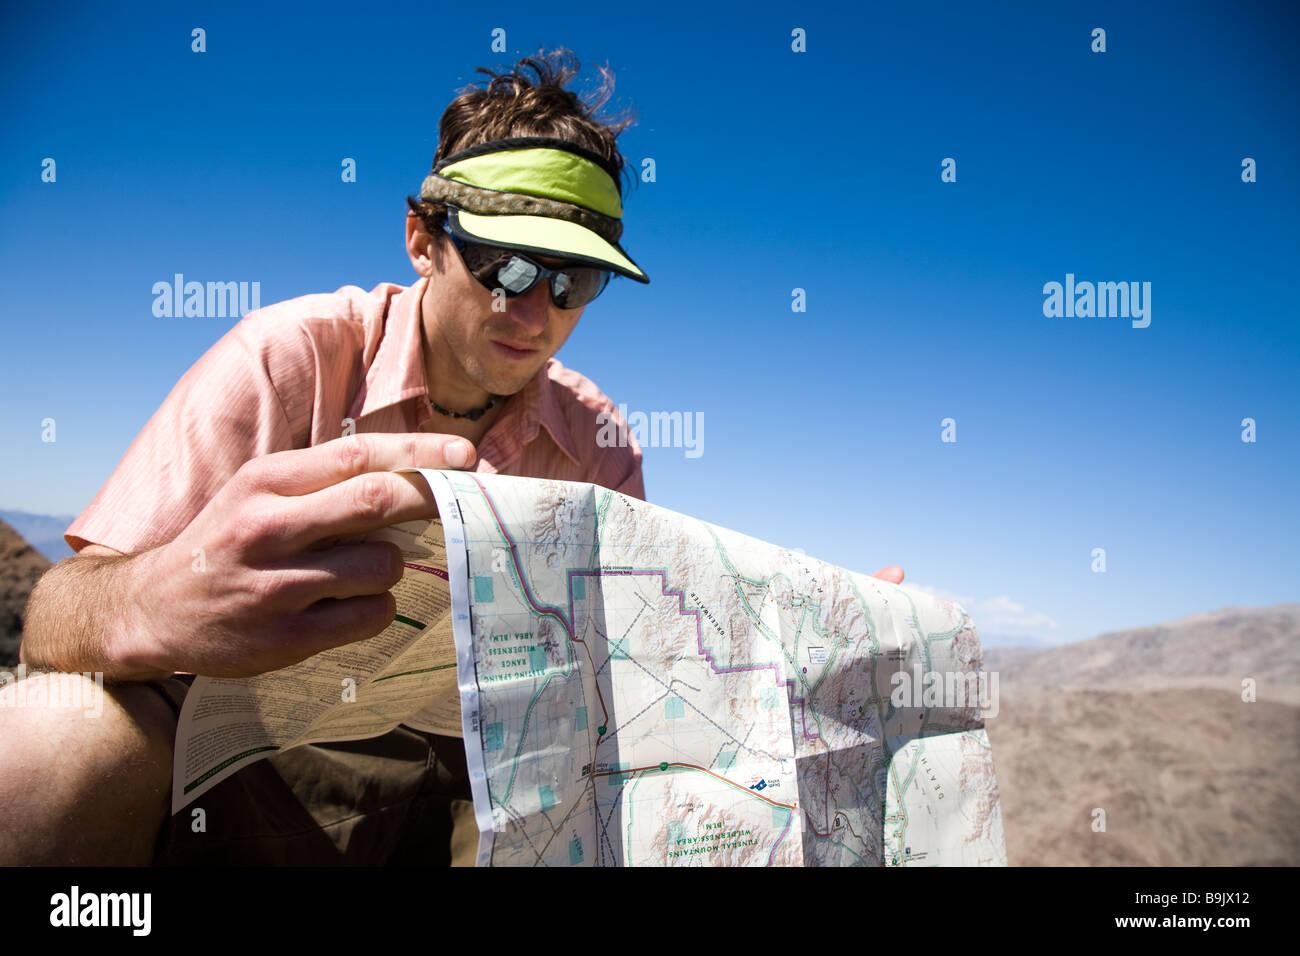 Un escursionista guarda una mappa alla sommità di un picco nel Parco Nazionale della Valle della Morte, California. Immagini Stock